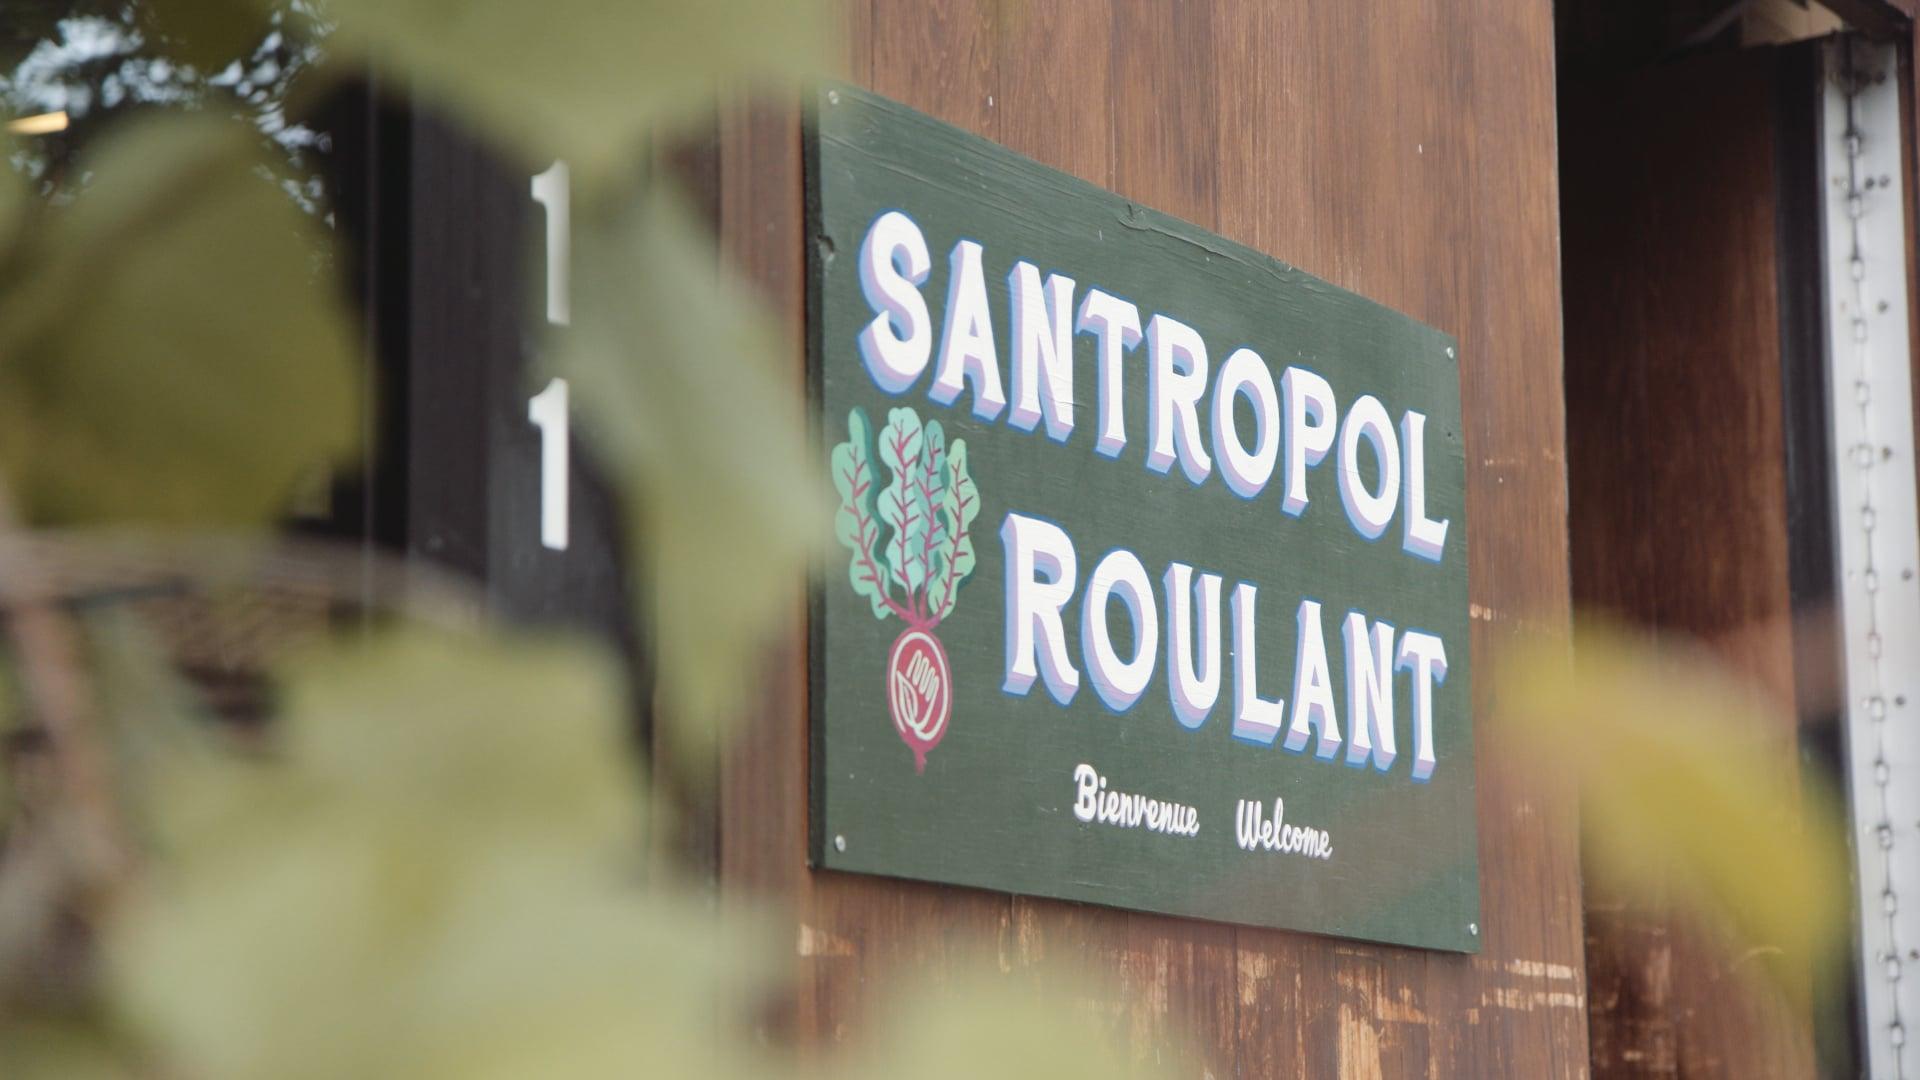 Impact and Strategic Clarity at Santropol Roulant | Impact et clarté stratégique au Santropol Roulant